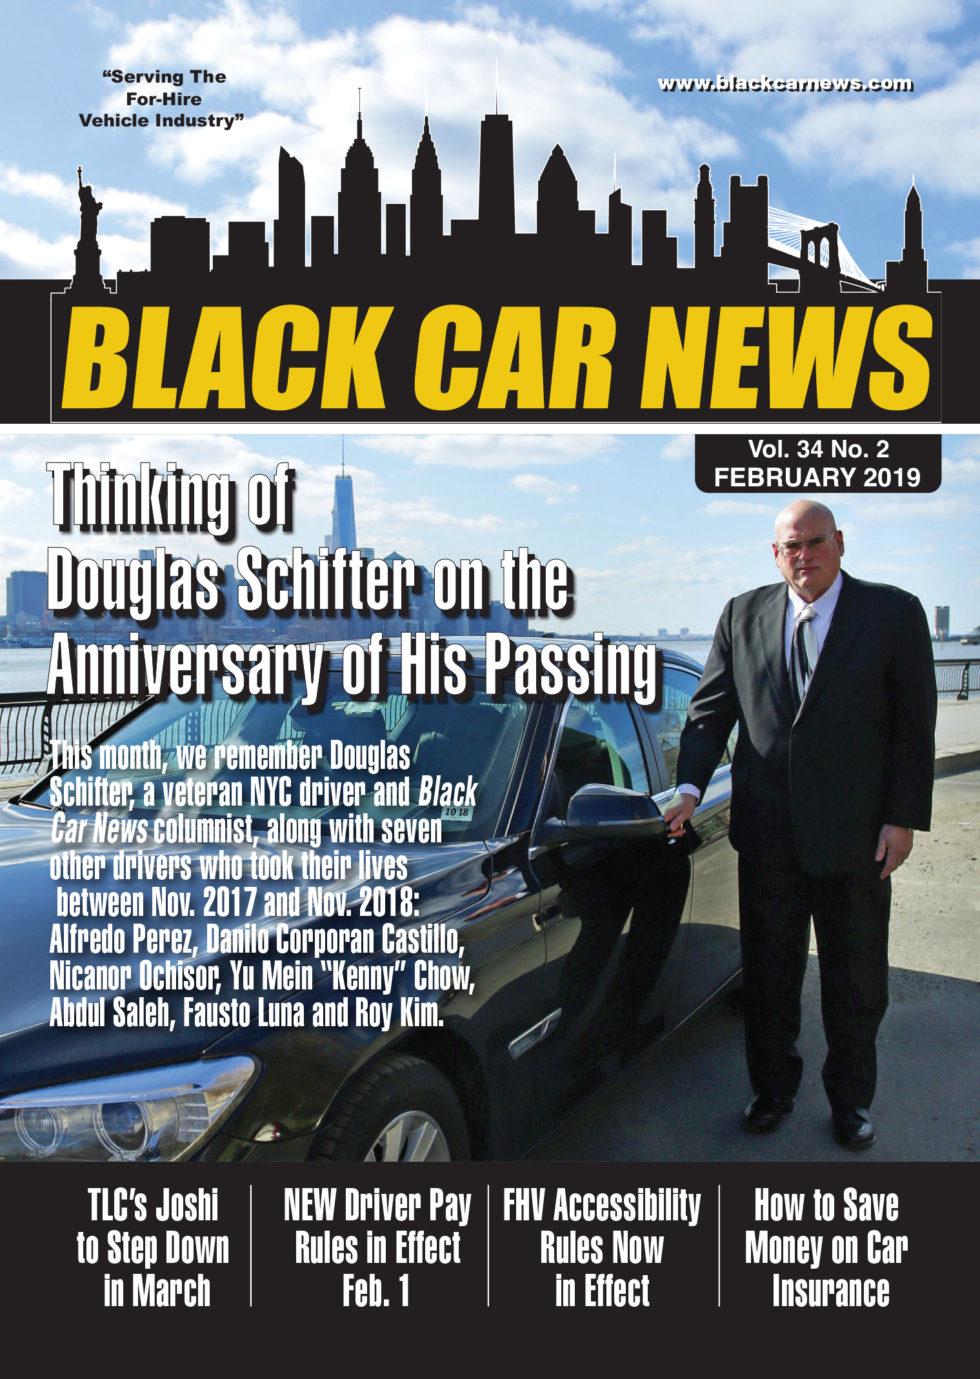 Car News February 2019